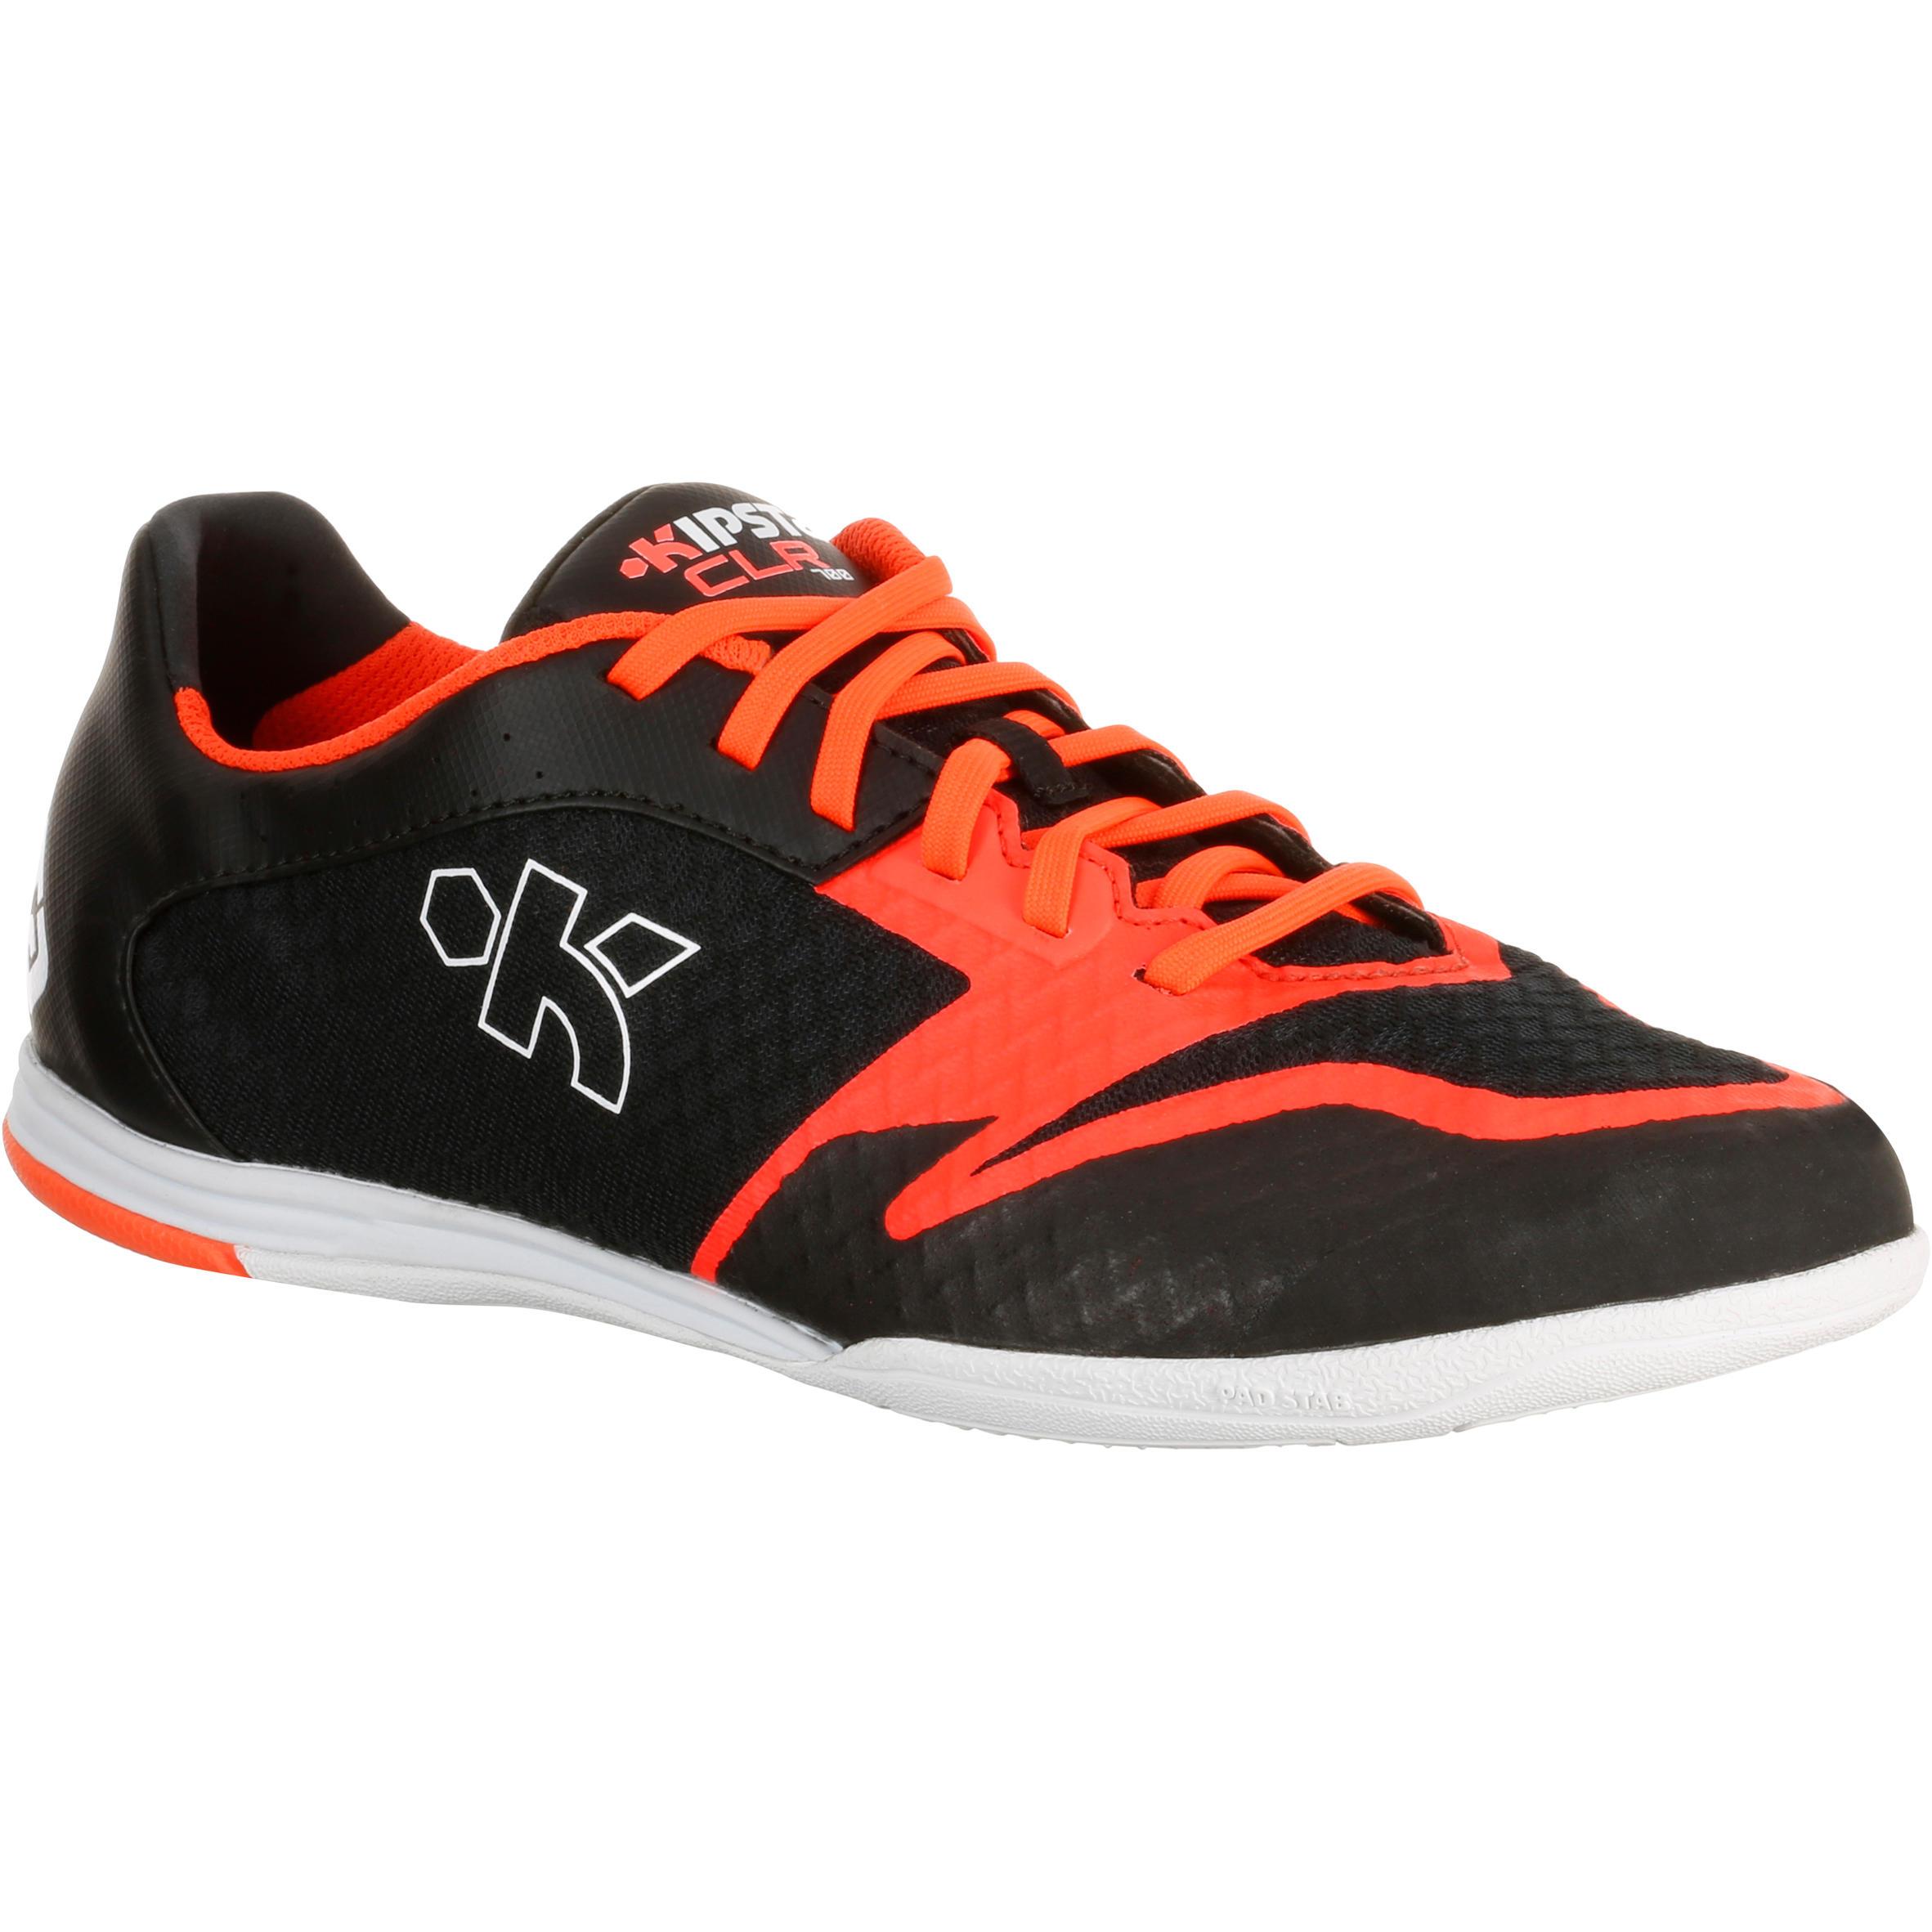 Zaalvoetbalschoenen voor volwassenen CLR 700 zwart-oranje